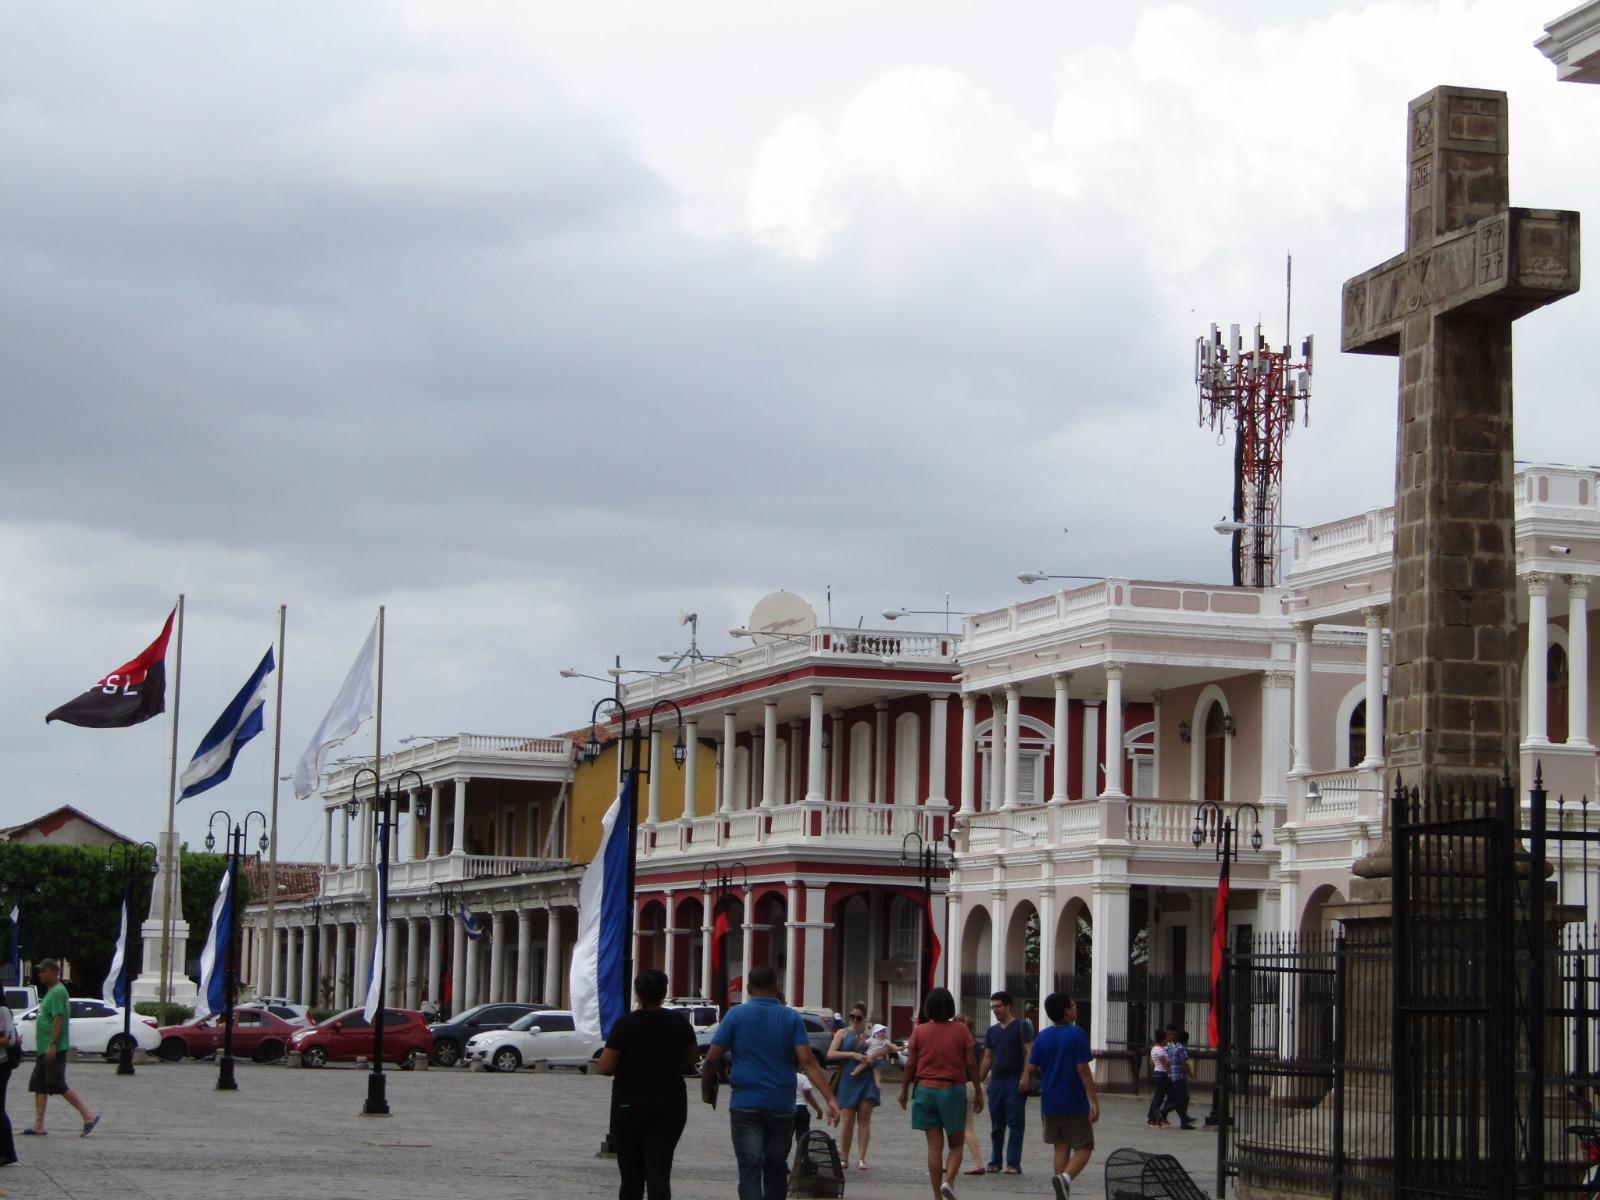 Hoteles econ micos en nicaragua hoteles en managua nicaragua - Hoteles de lujo granada ...